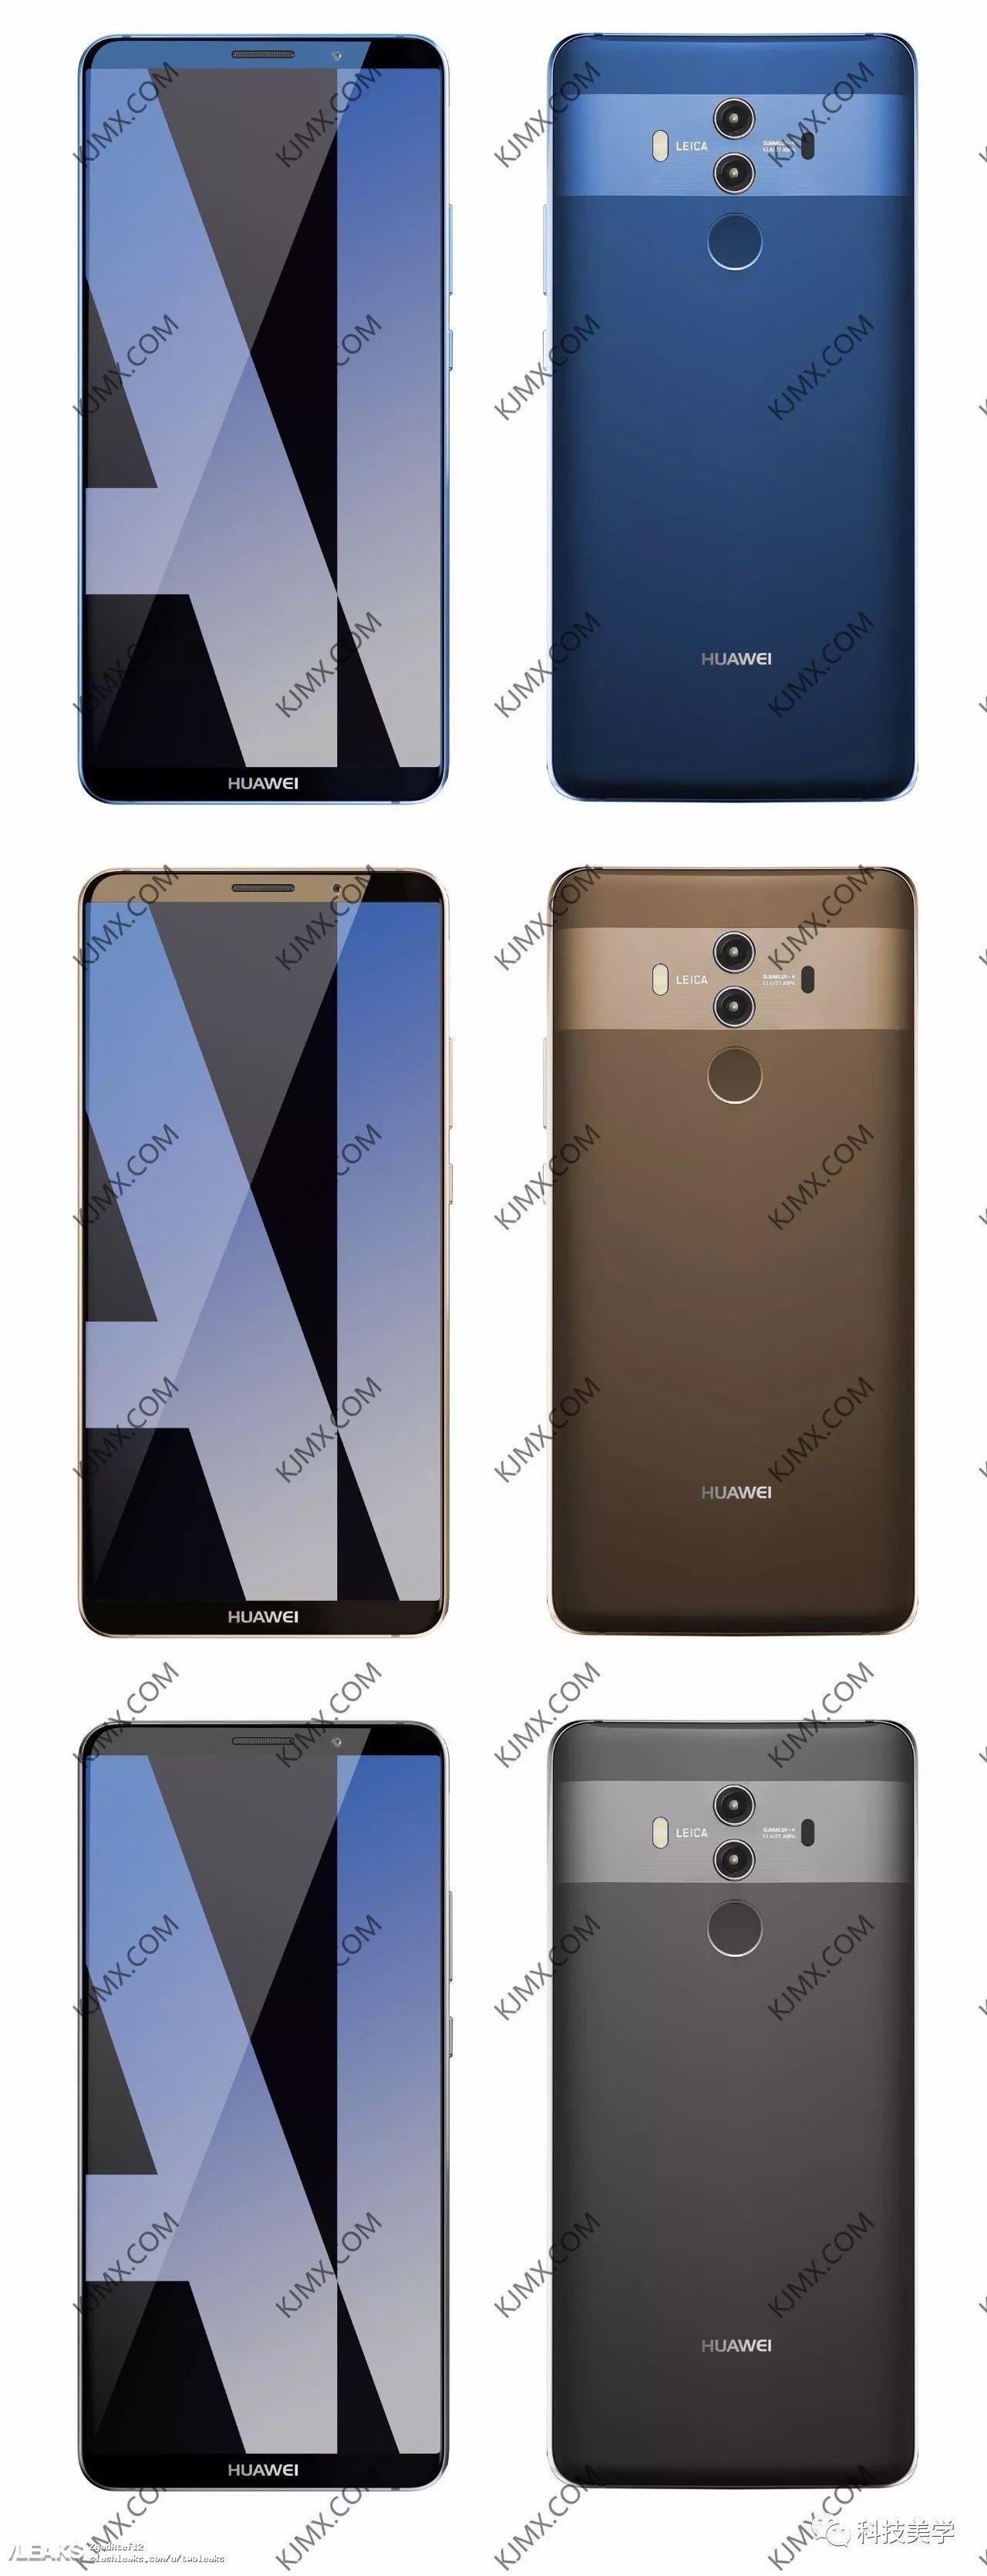 img Yet more Huawei Mate 10 Pro renders leaked